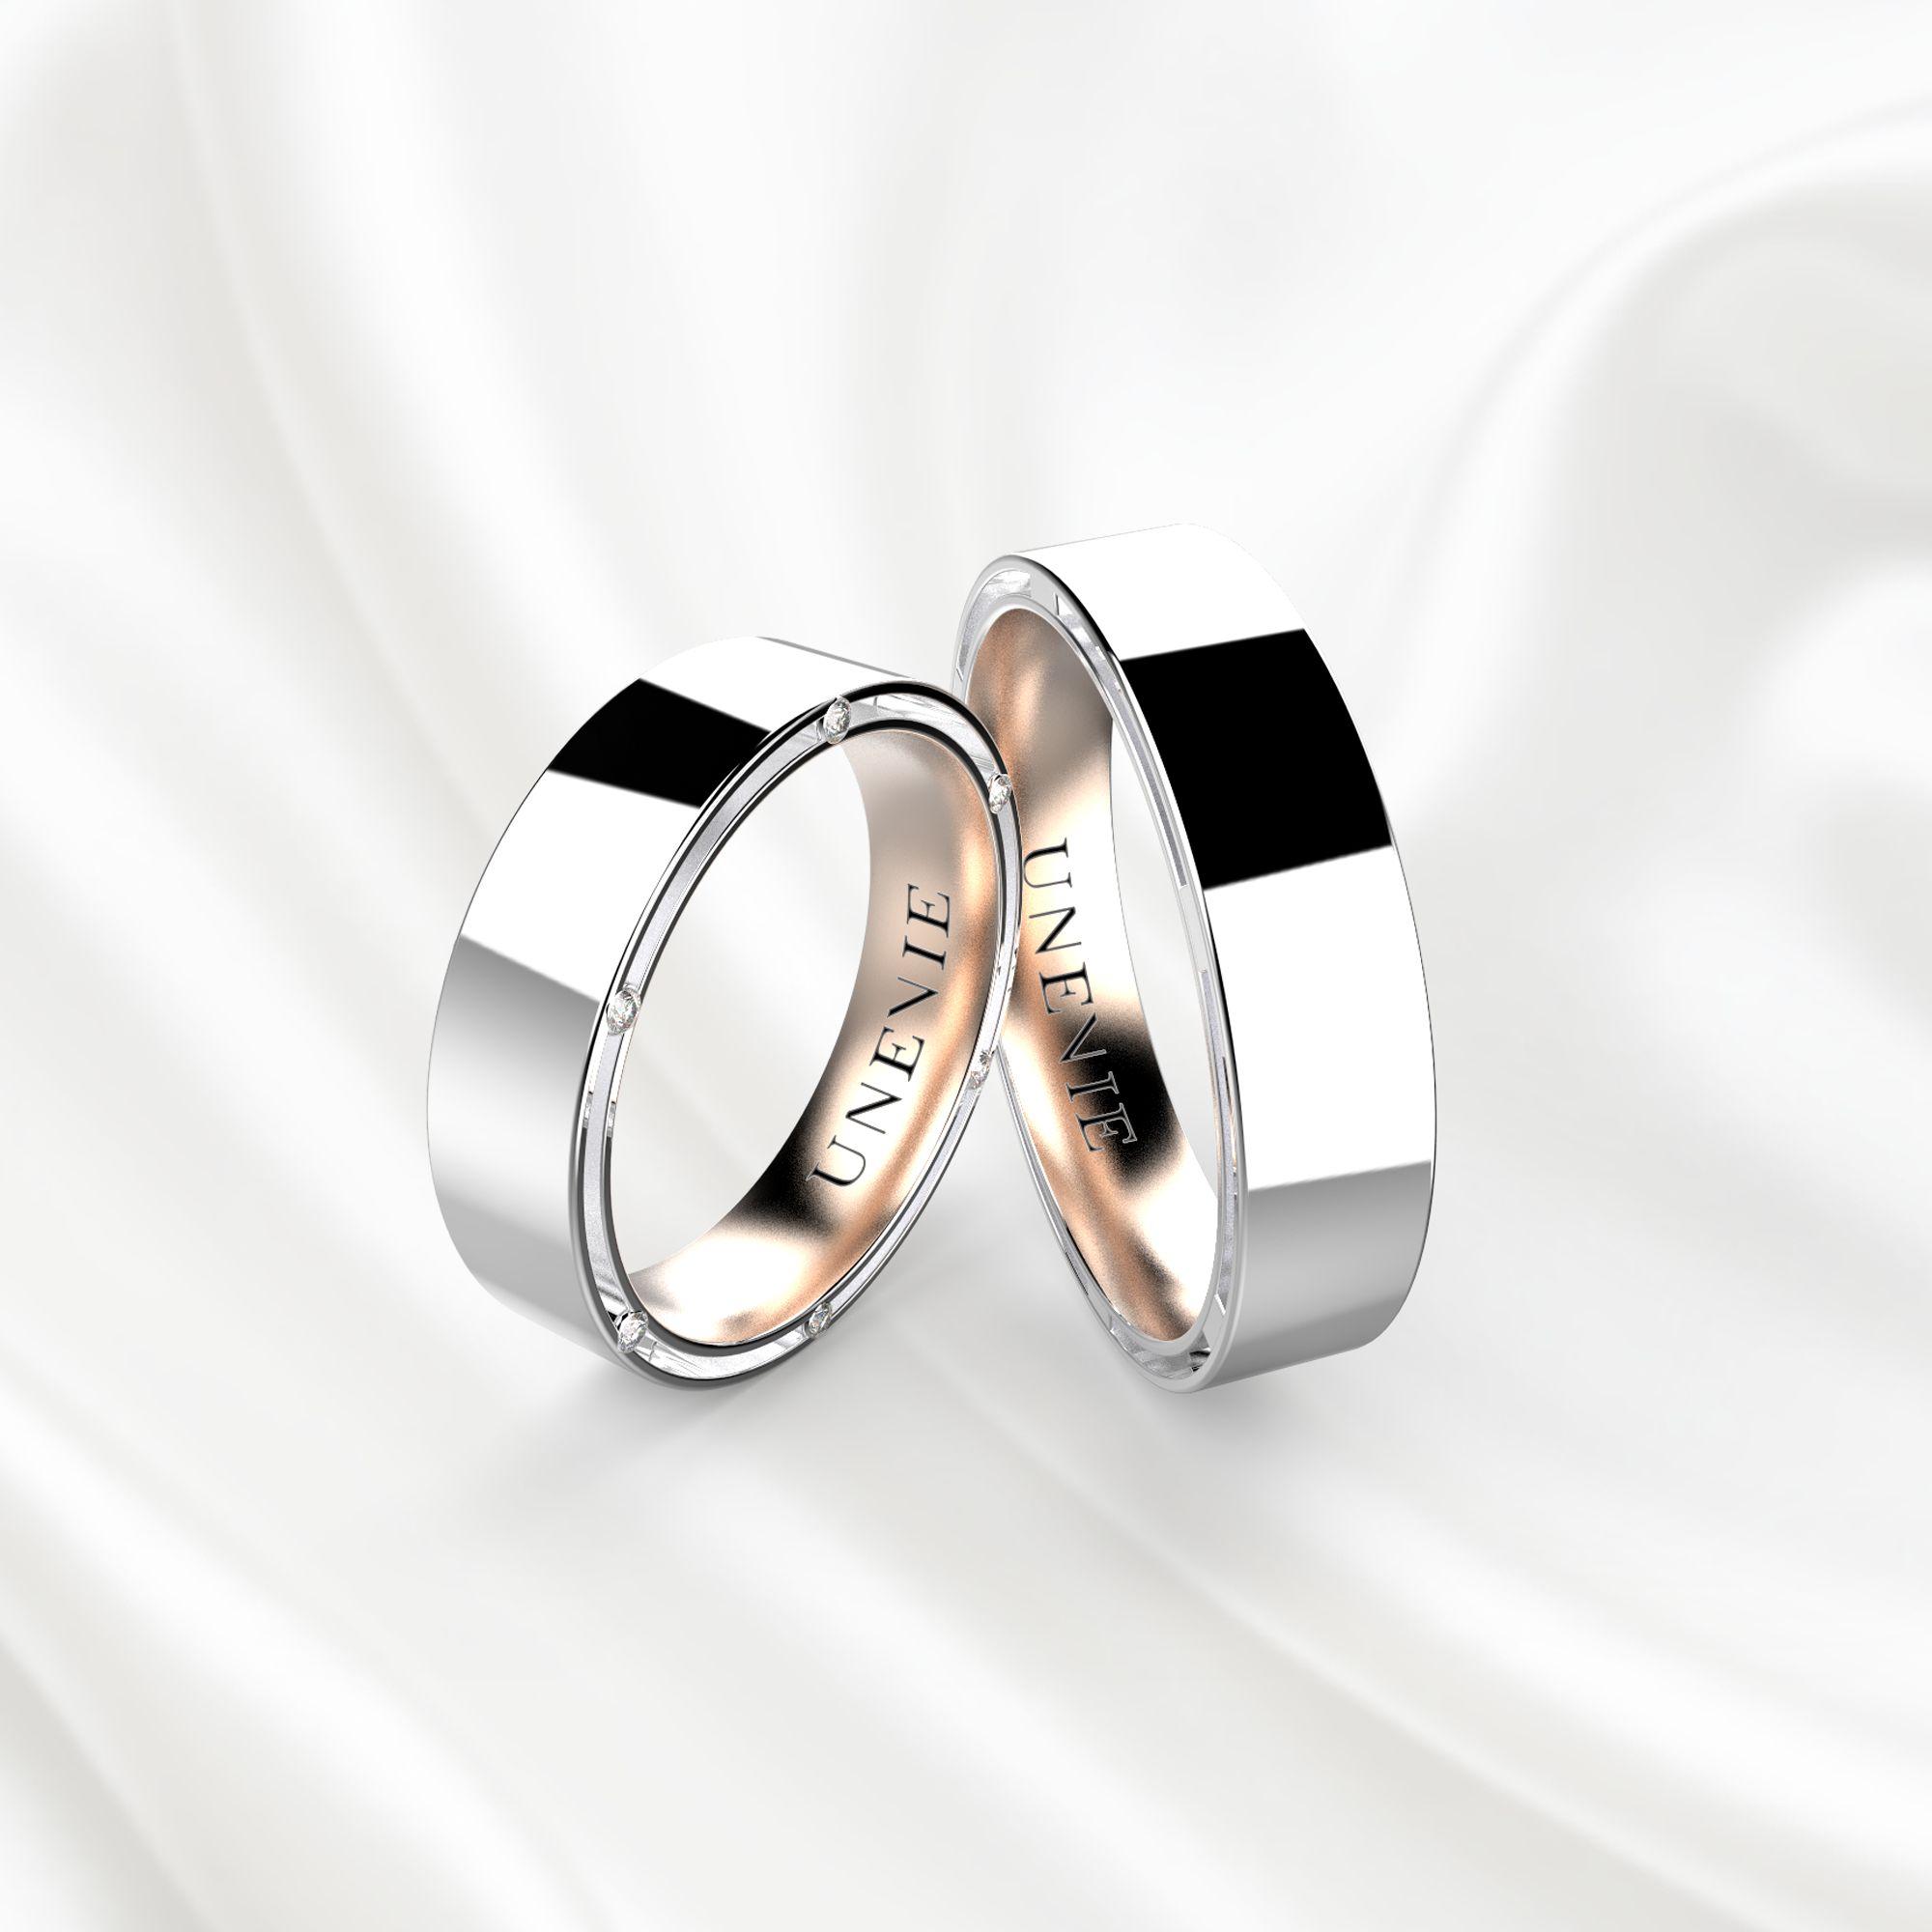 NV13 Обручальные кольца из бело-розового золота